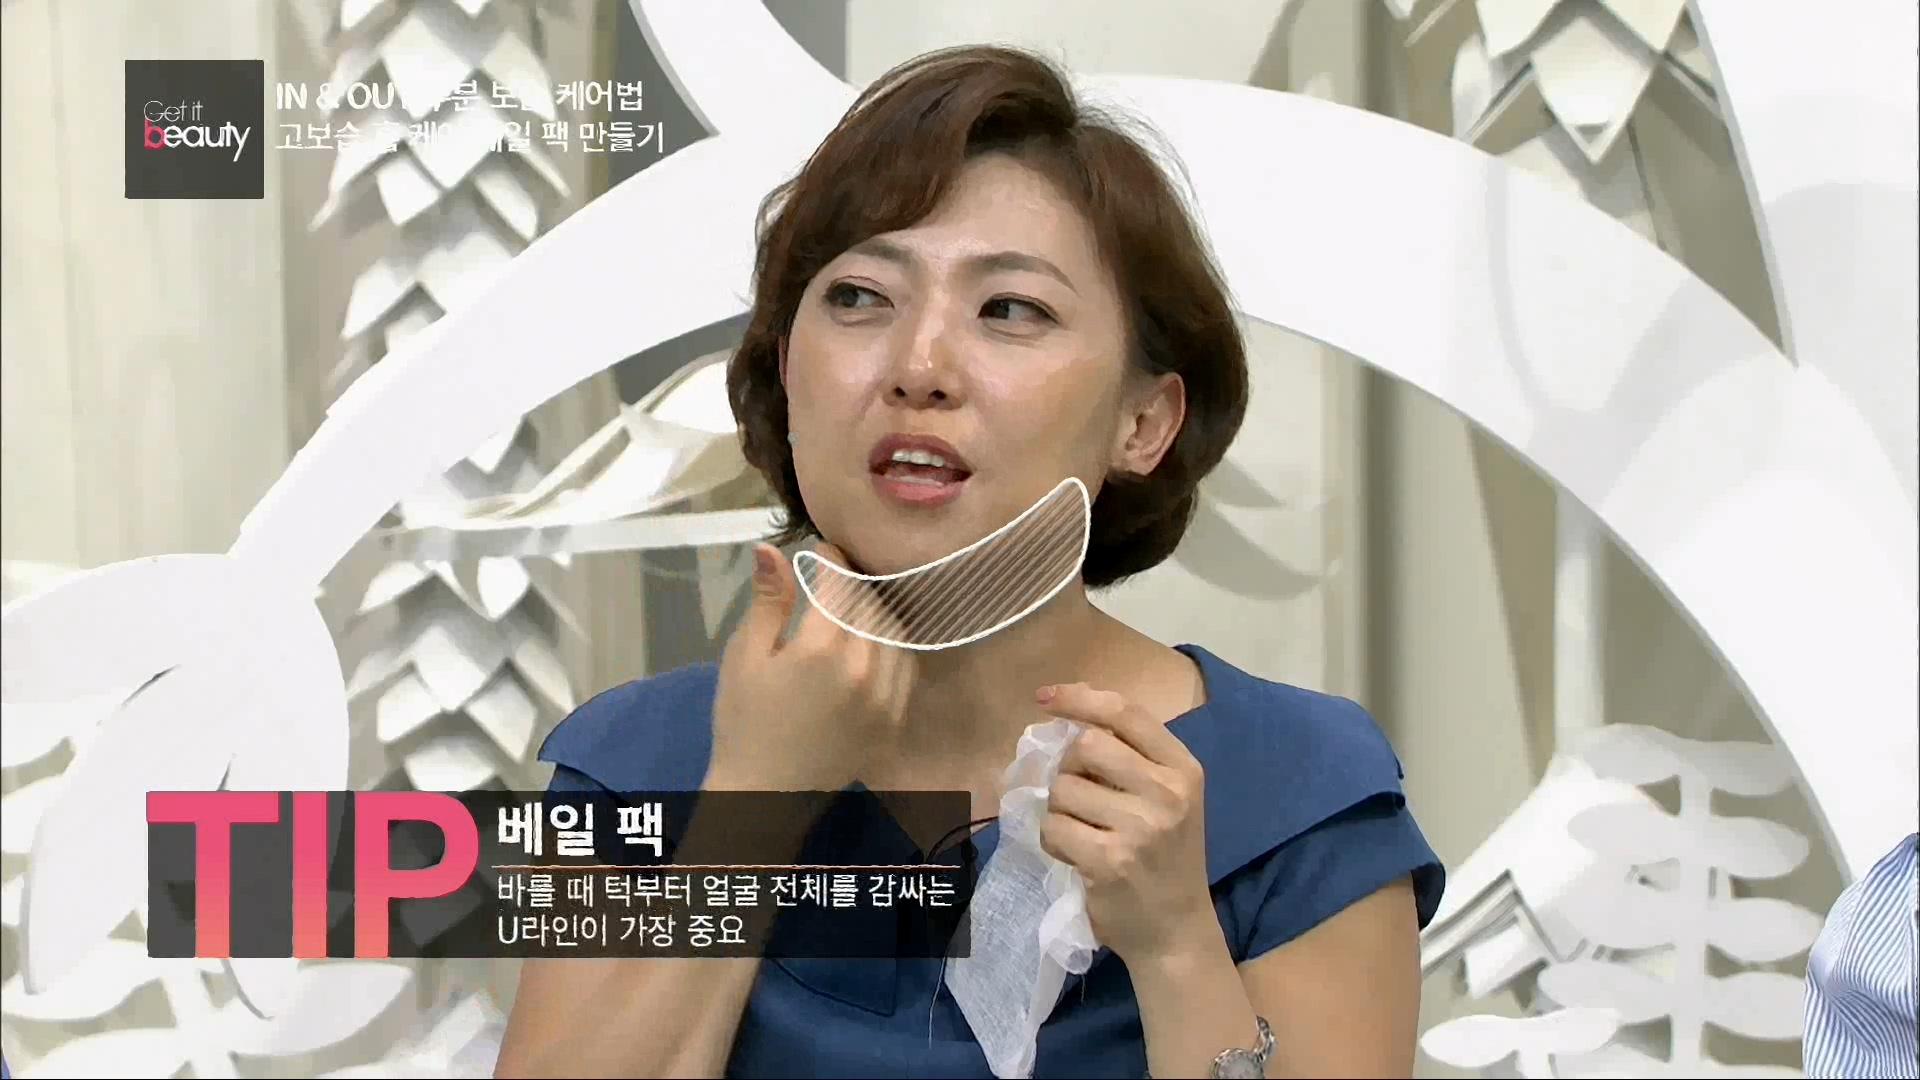 베일 팩은 바를 때 턱부터 얼굴 전체를 감싸는 u라인이 가장 중요해요